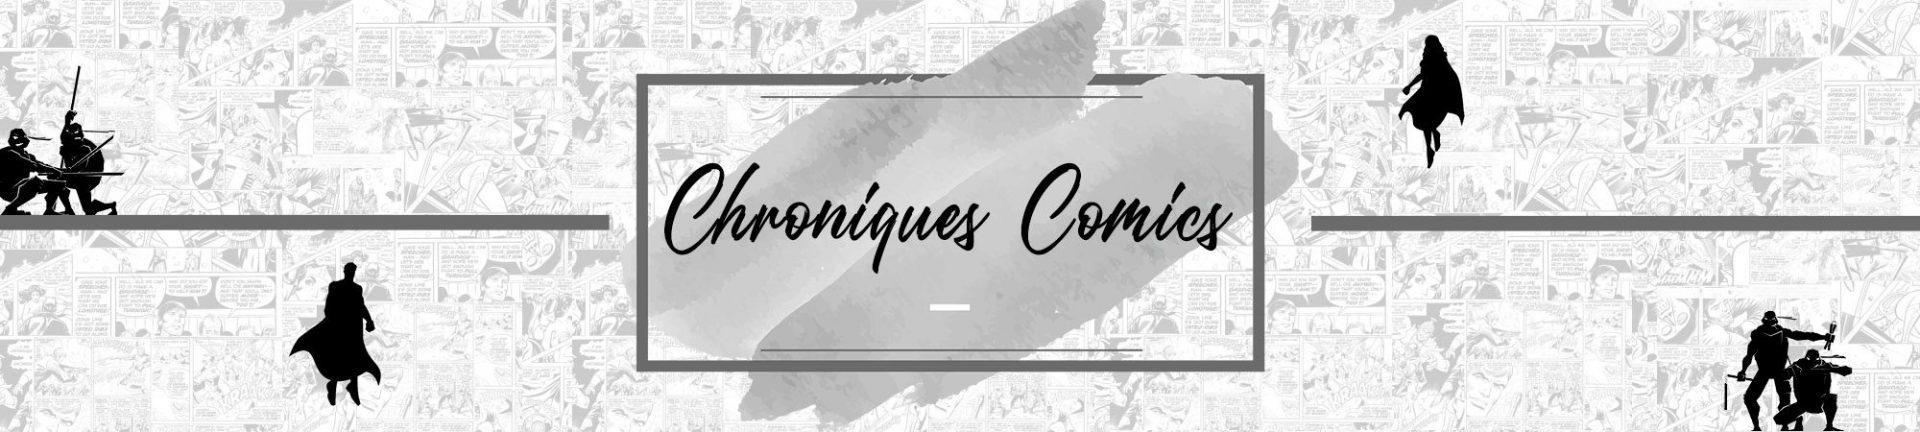 Chroniques Comics – Votre site de chroniques Comics, BD, Manga.